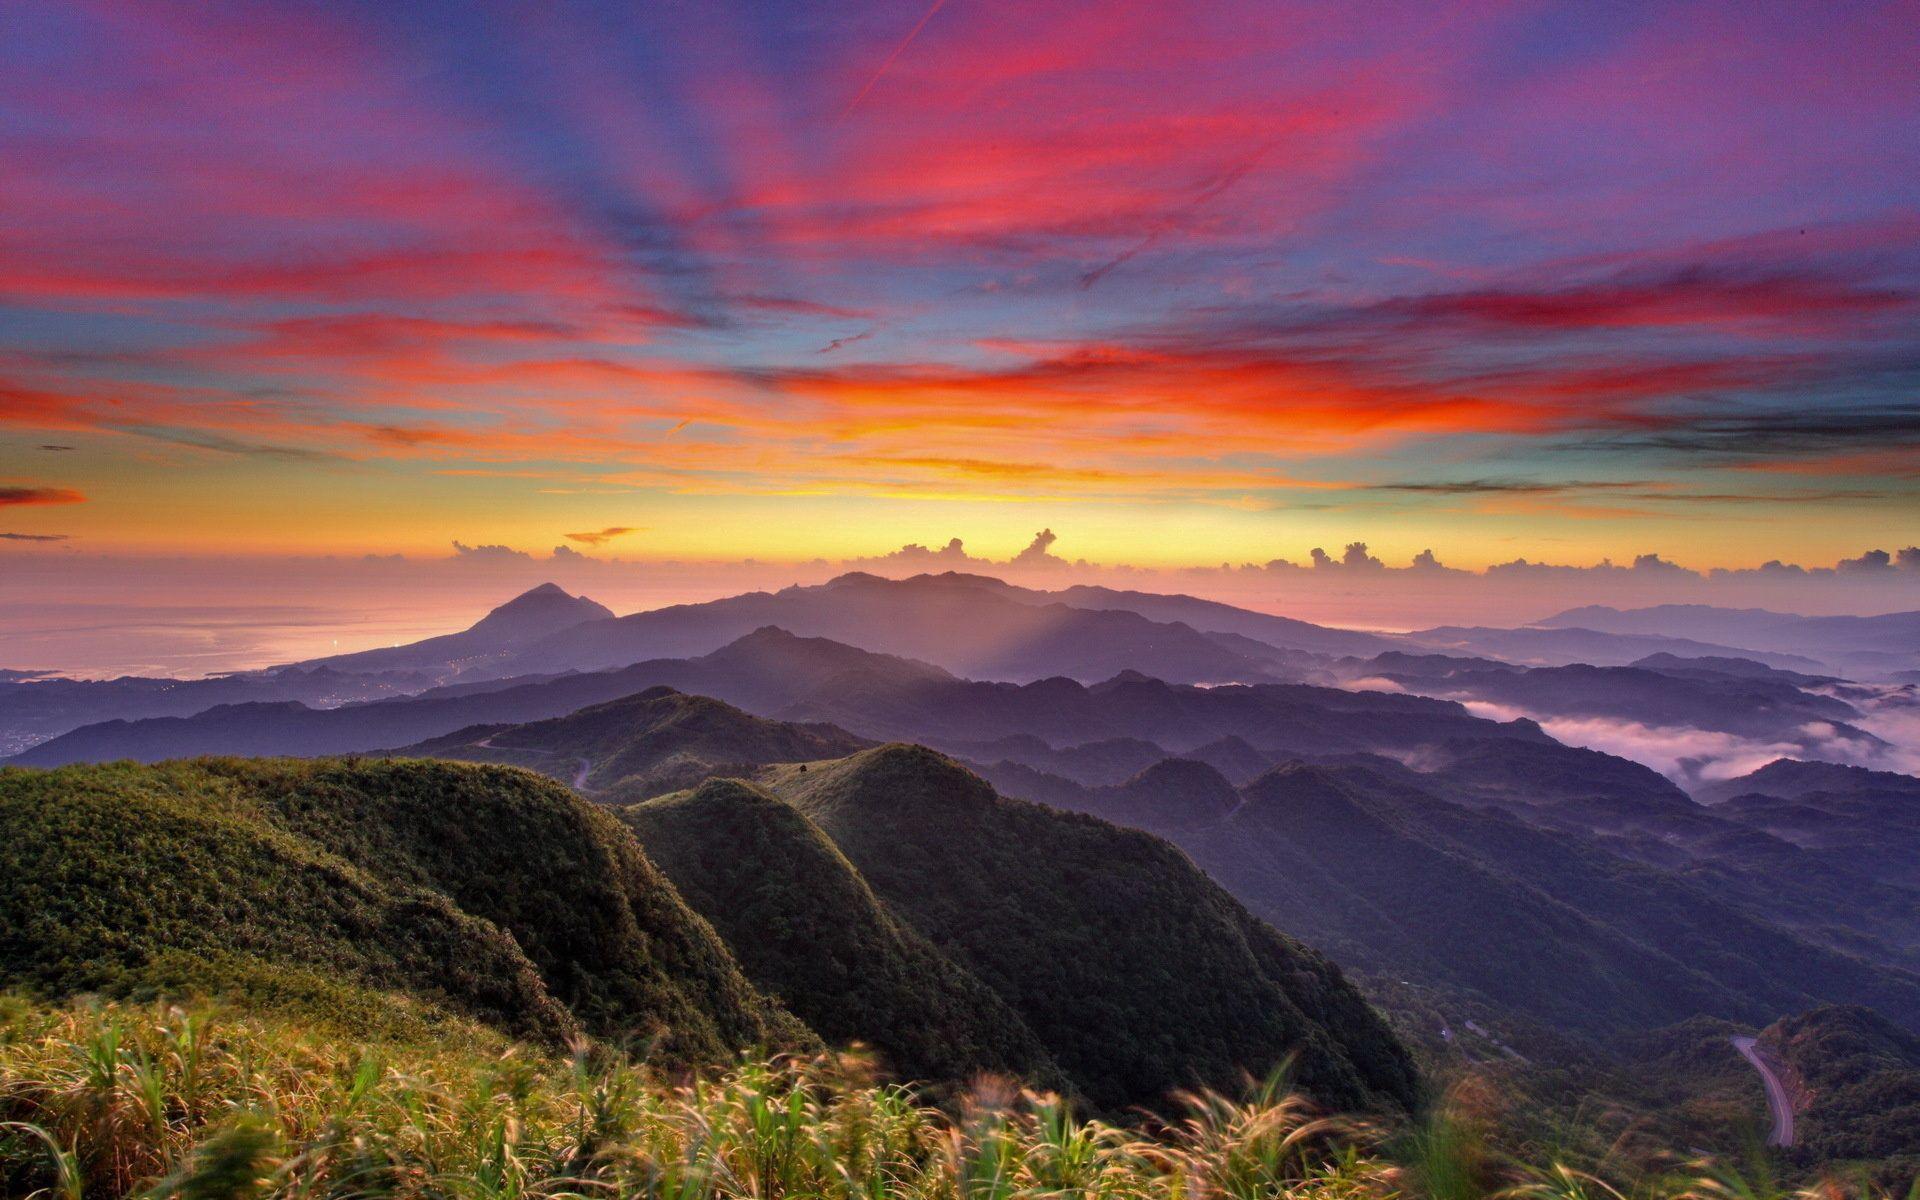 83568 Hintergrundbild 720x1280 kostenlos auf deinem Handy, lade Bilder Natur, Sunset, Sky, Mountains, Clouds, Nebel, Die Hügel, Hügel, Höhe, Aussicht, Ansehen 720x1280 auf dein Handy herunter